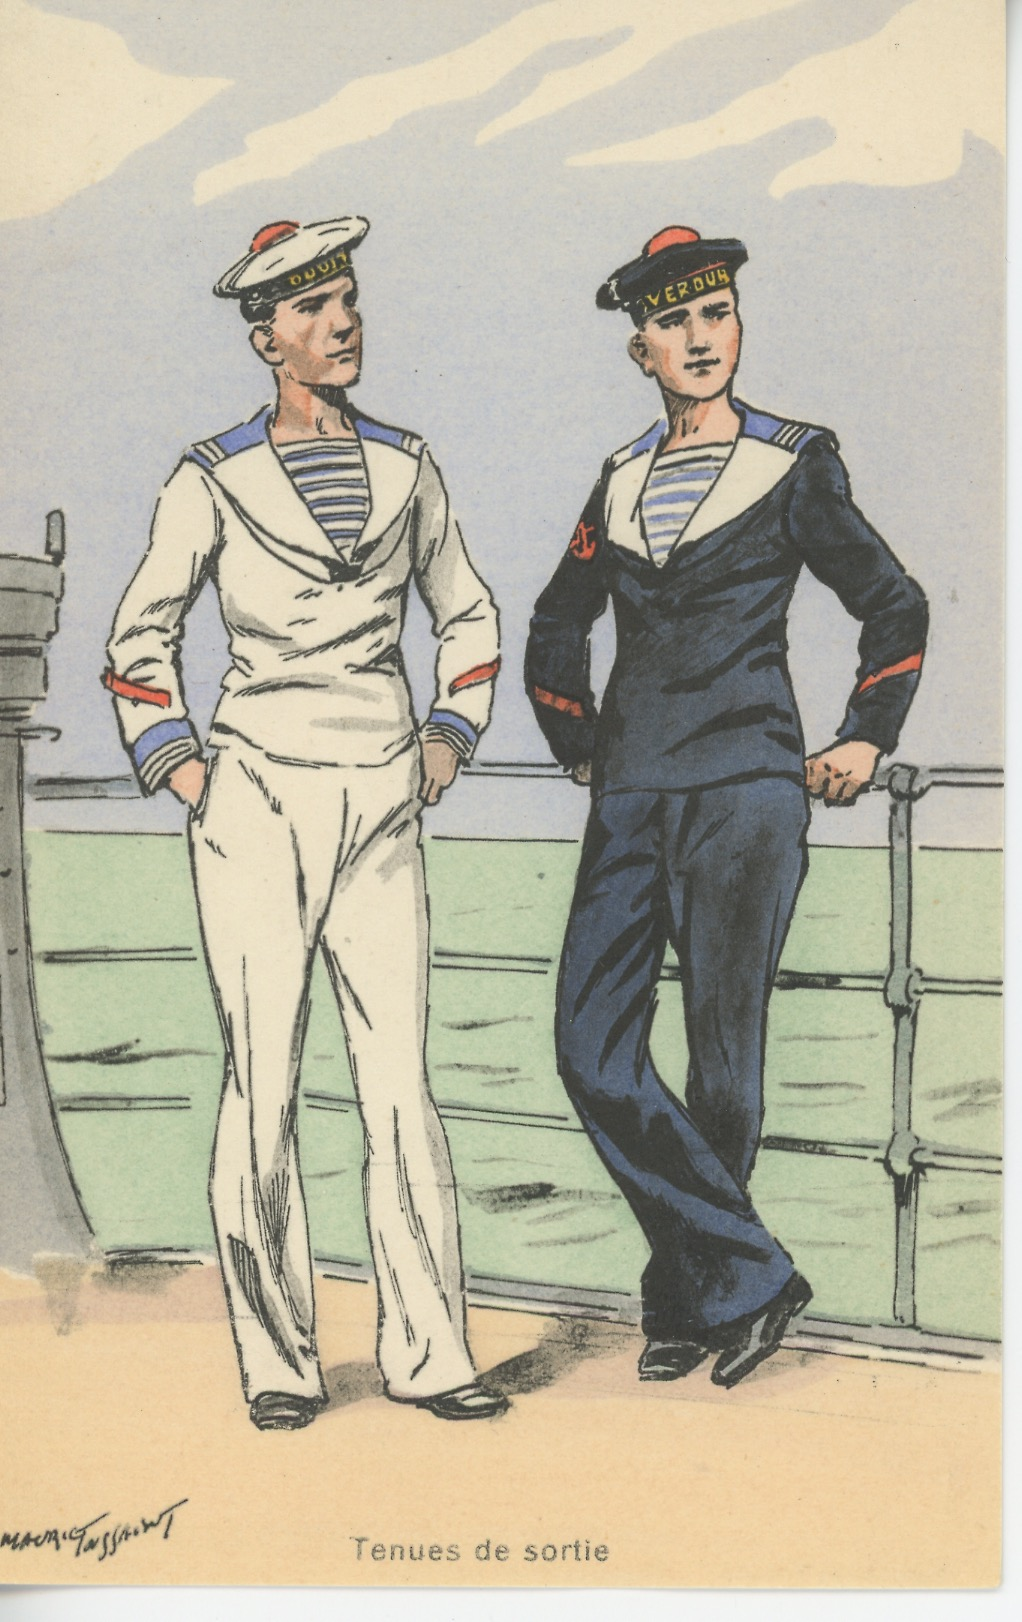 Carte Postale Illustrée - Maurice Toussaint - Edition Militaire Illustrées - Marine - Contre-Amiral - 1930